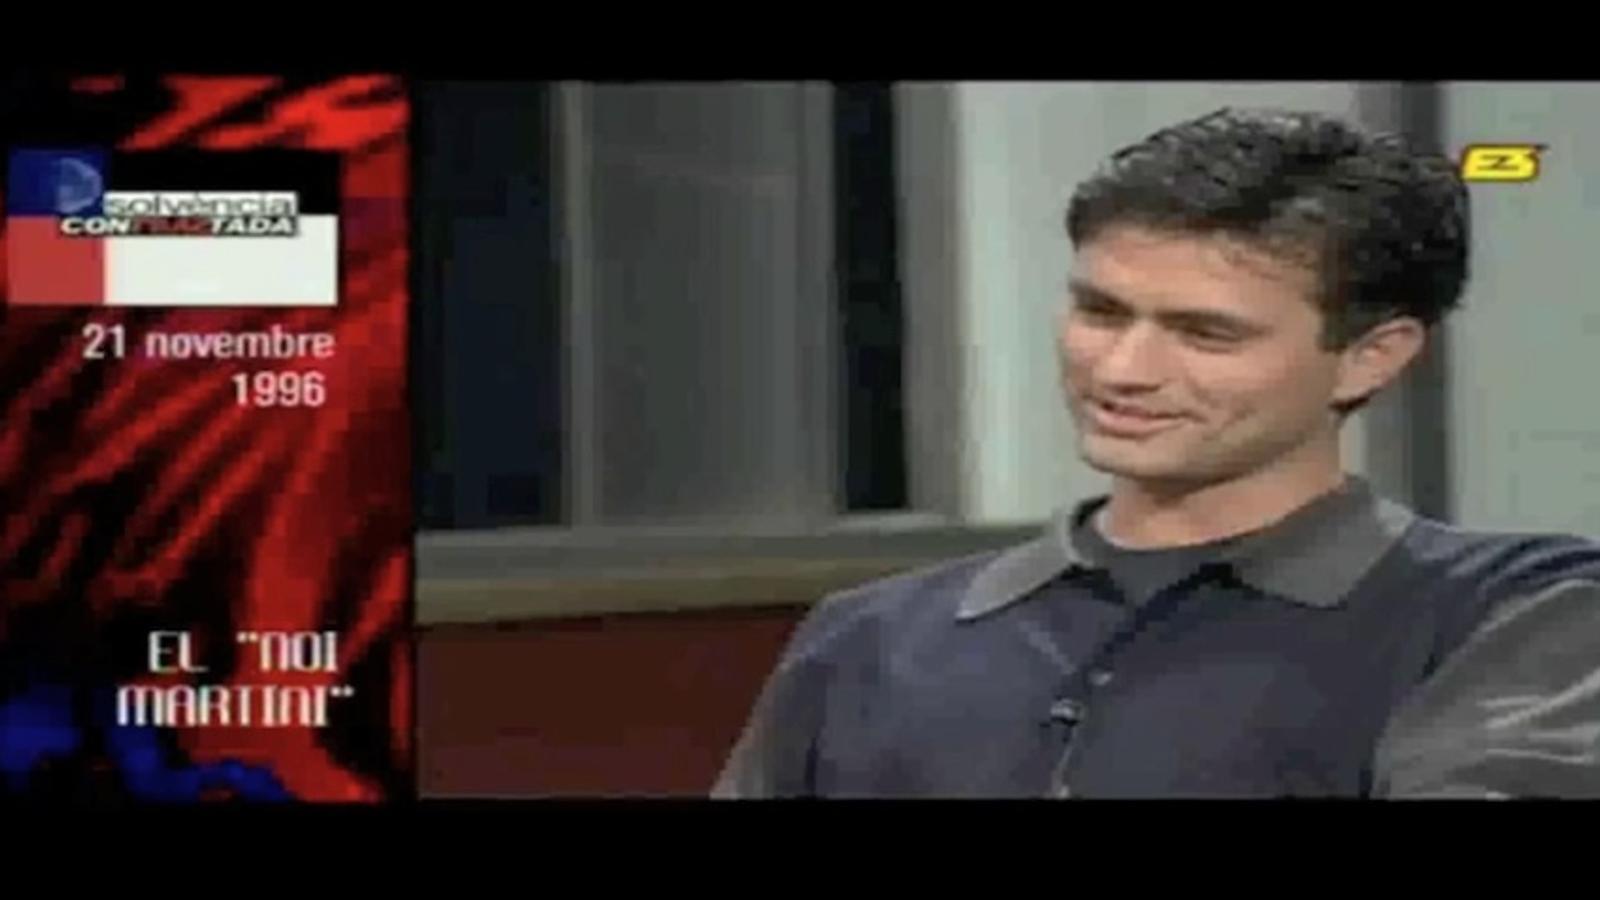 Quan Mourinho entenia el català, l'any 1996 a TV3